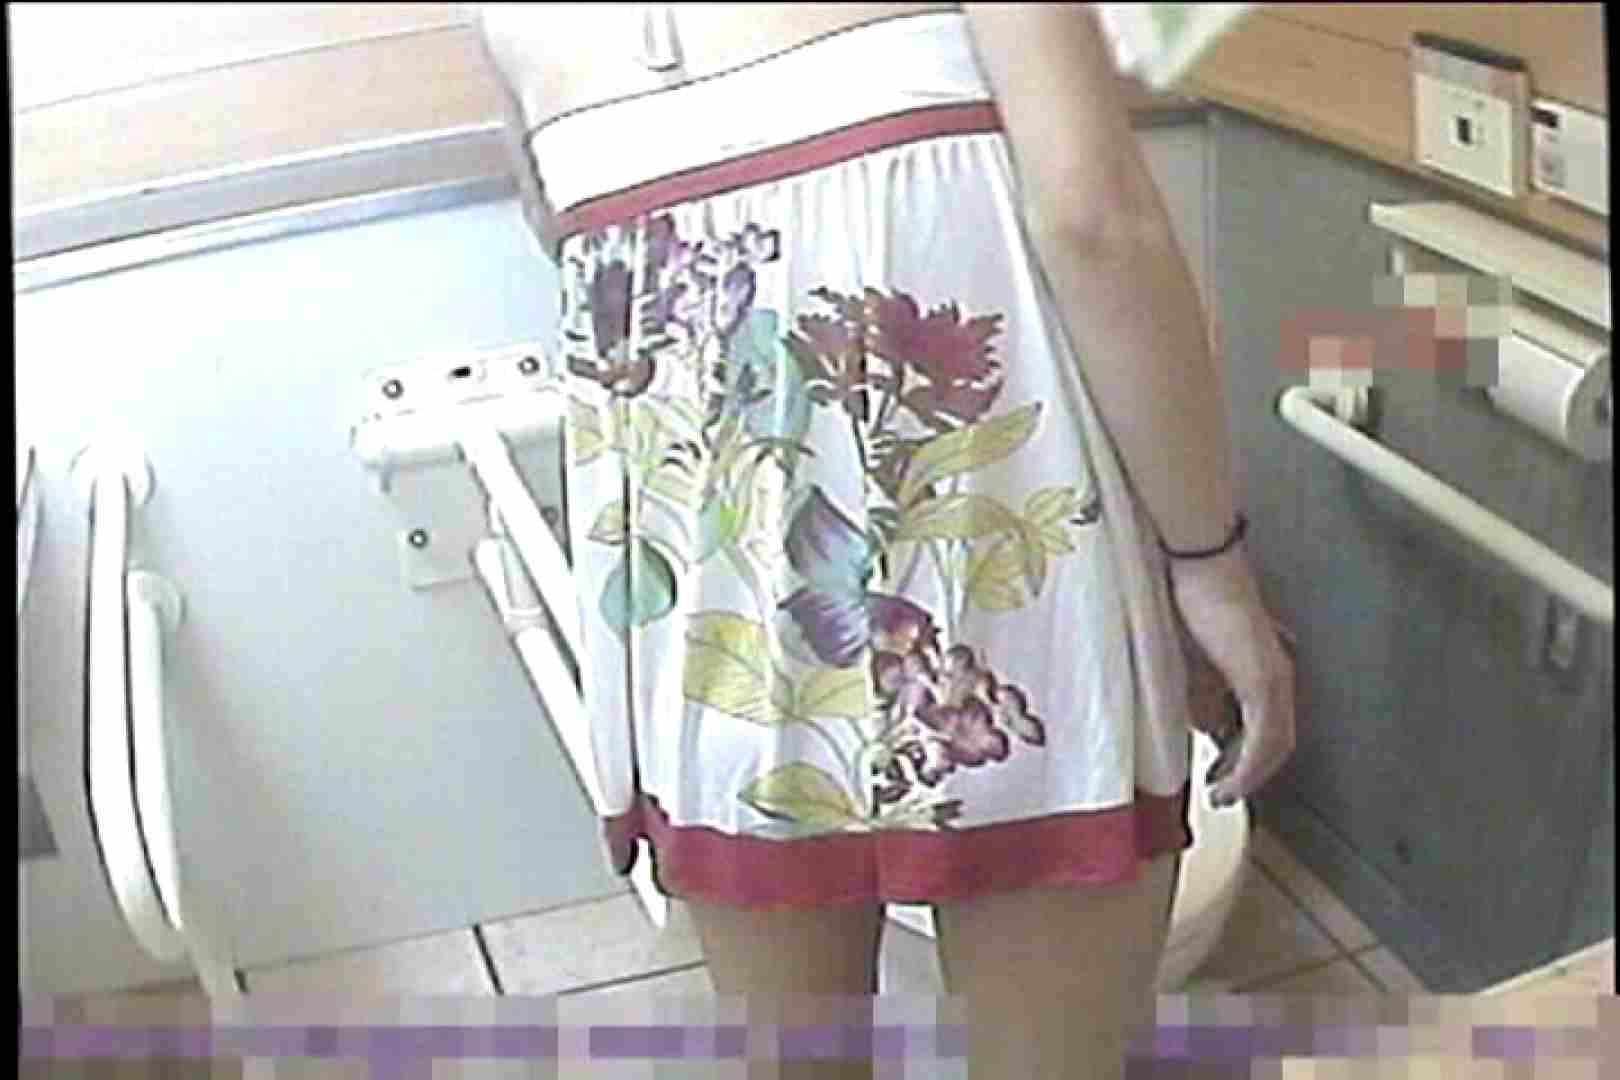 2点盗撮洗面所潜入レポートVol.7 洋式固定カメラ編 盗撮師作品   美しいOLの裸体  91pic 37